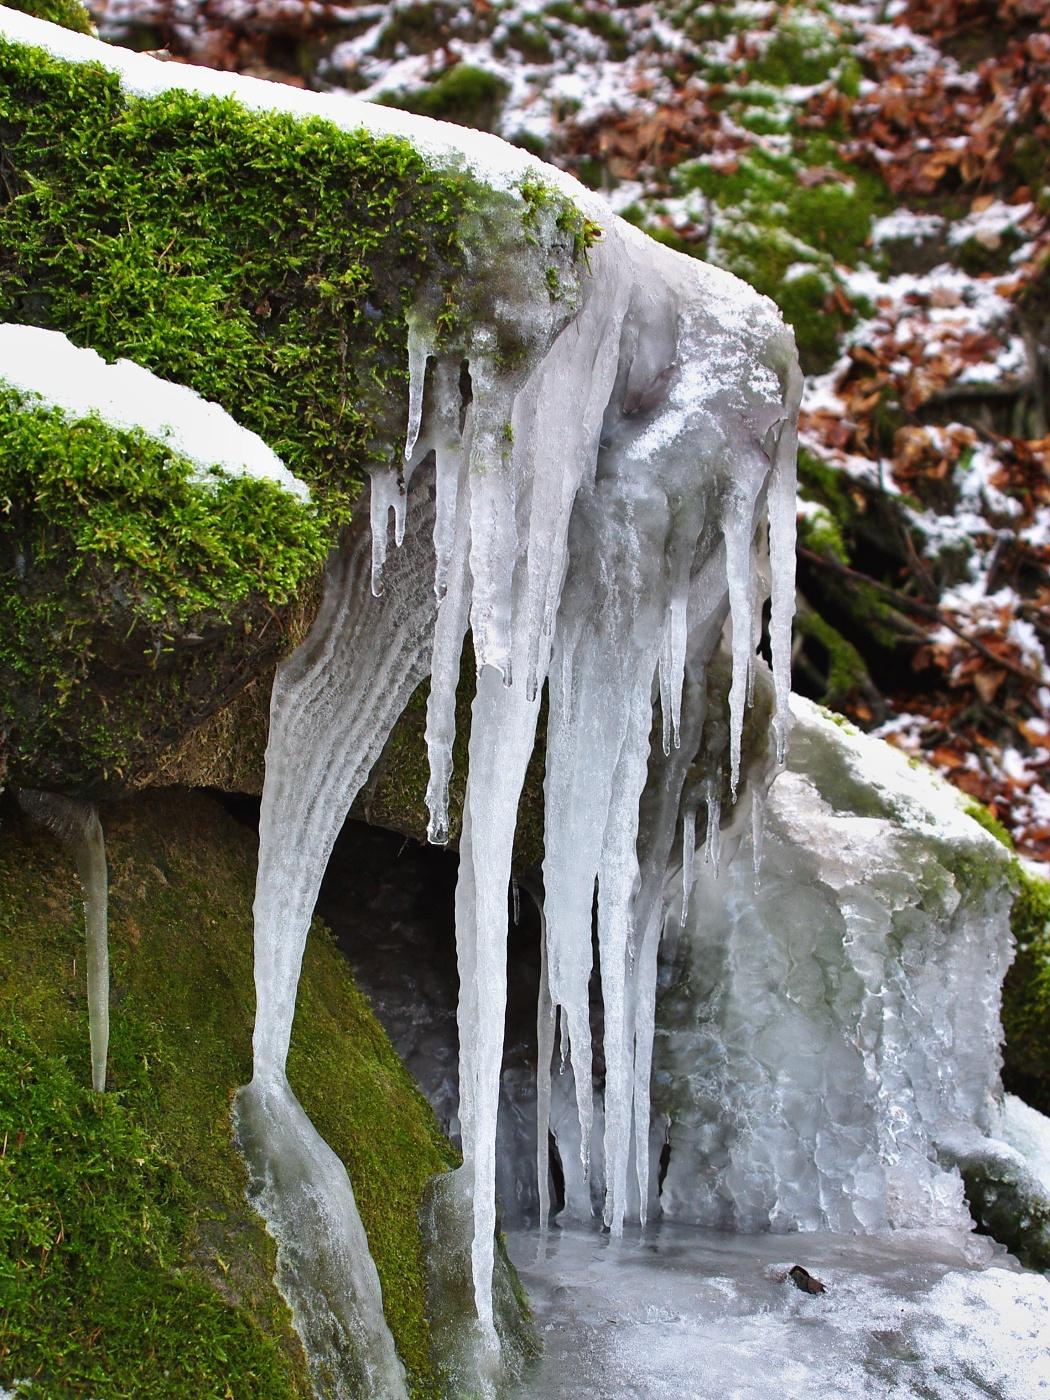 2. Zamrzlý potok